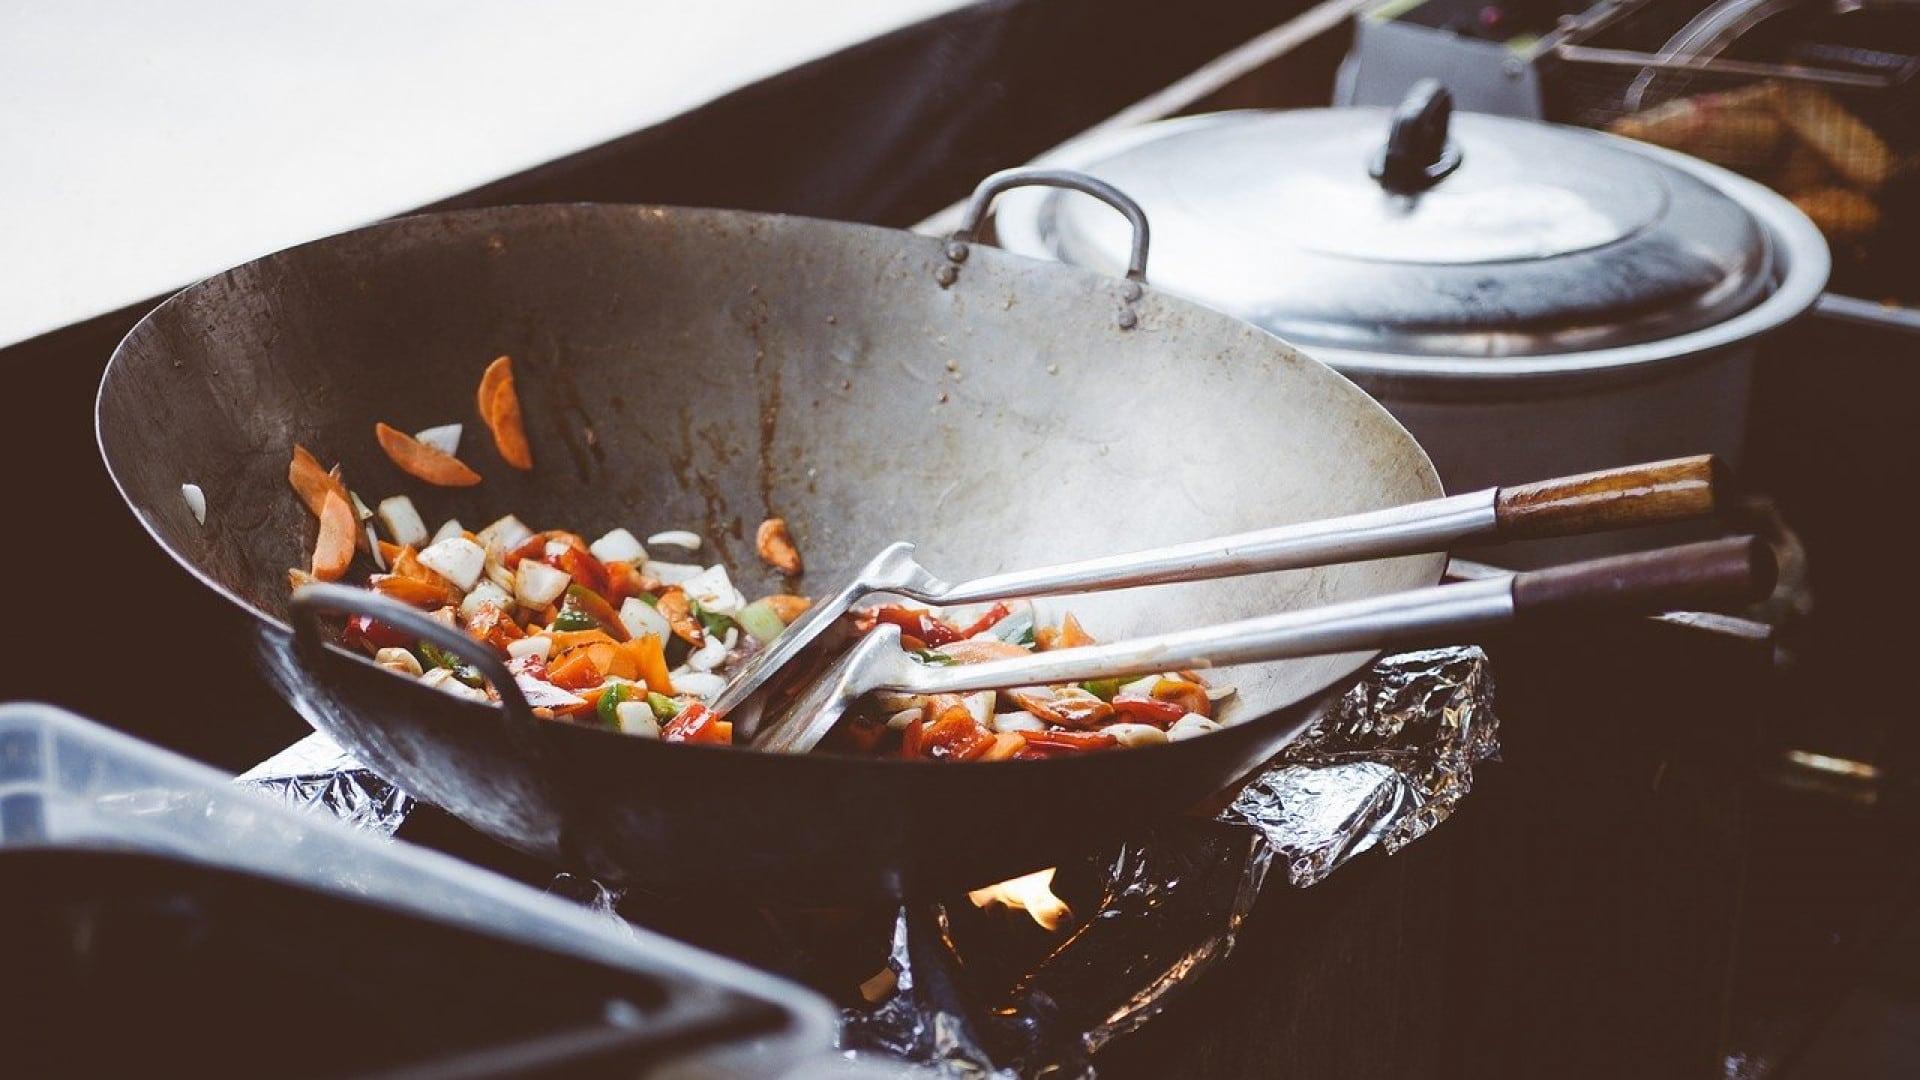 Quelques ustensiles indispensables dans une cuisine